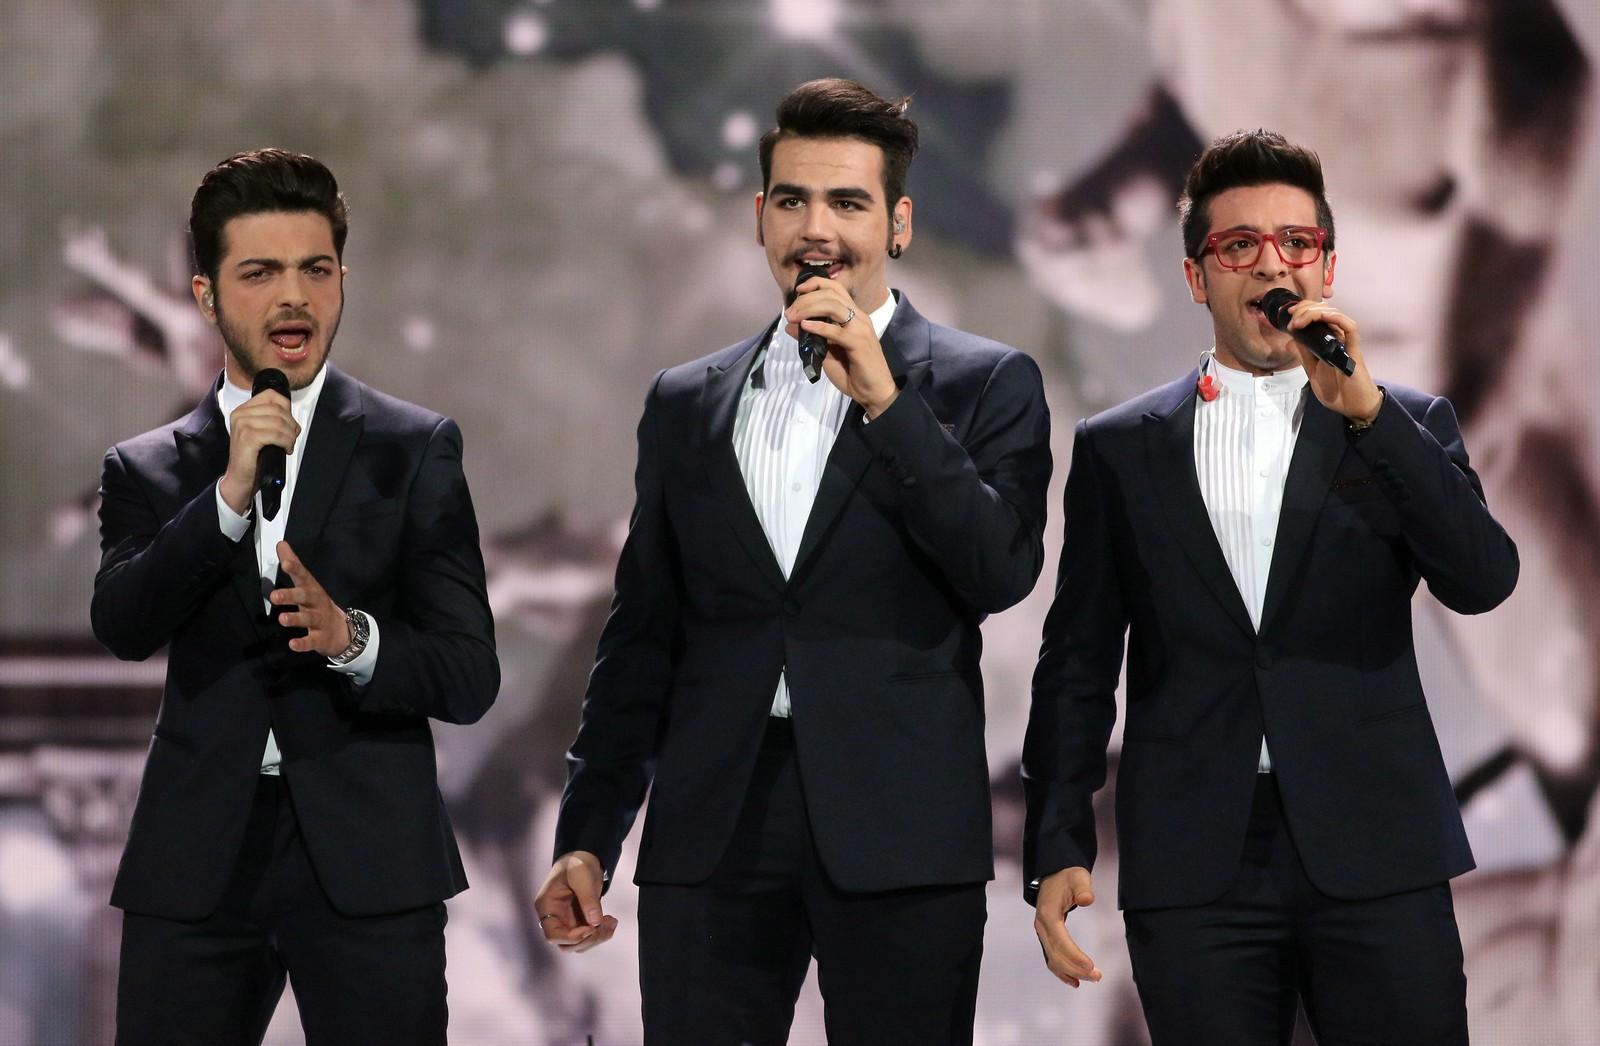 27. ITALIA: I Italia tror de på den store kjærligheten. Det gjør i alle fall operatrioen Il Volo, som vant San Remo-festivalen med låten «Il Grande Amore». Dermed ble trioen også valgt til å representere landet i Eurovision.